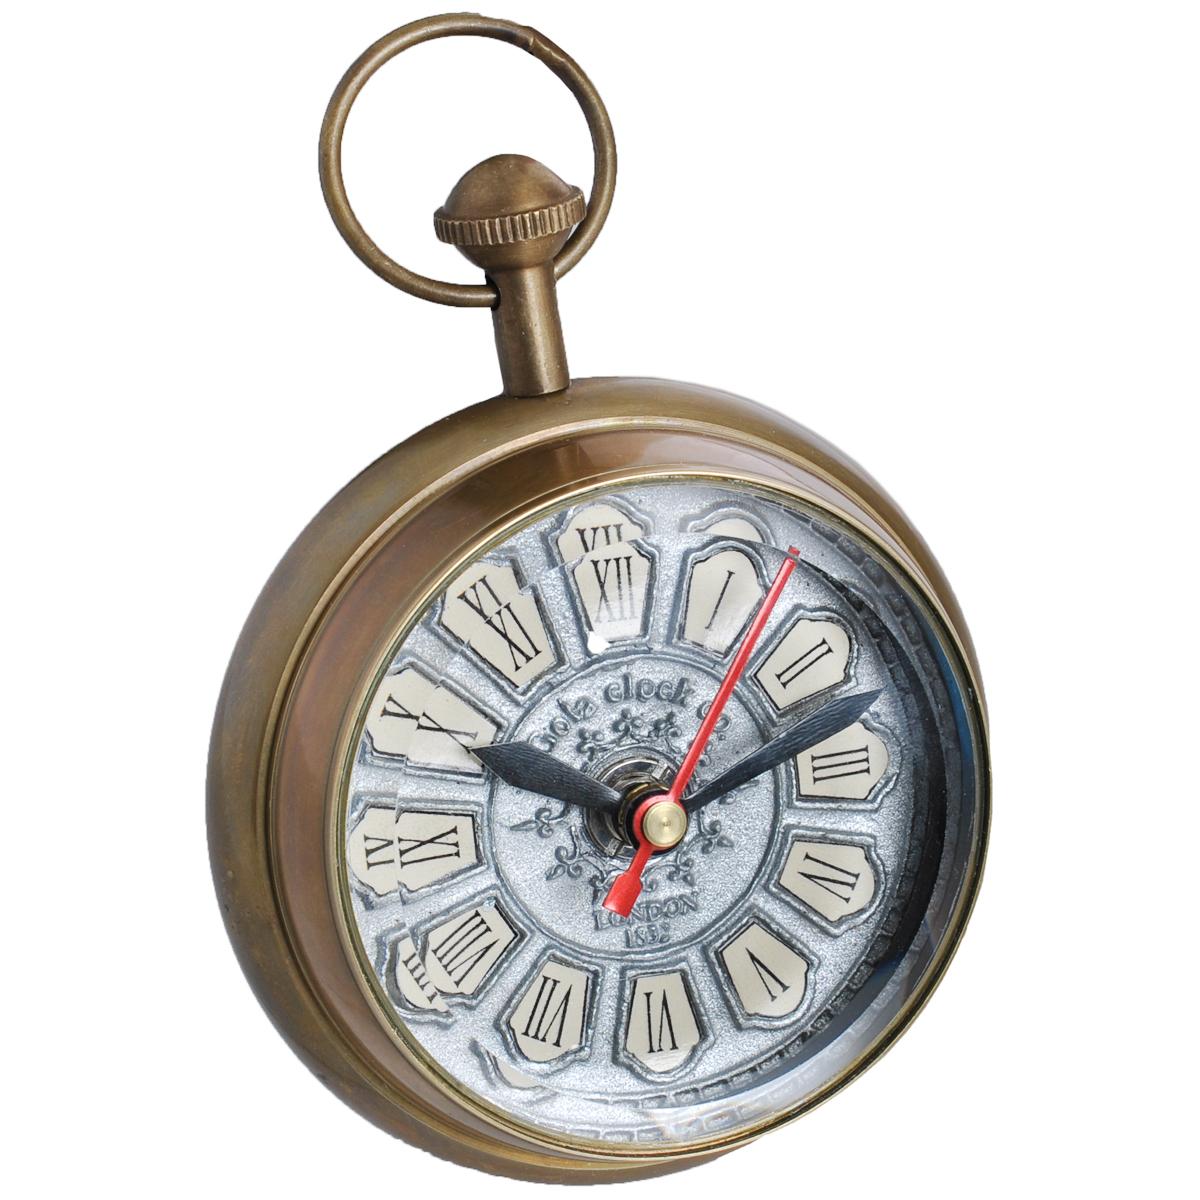 Часы сувенирные Win Max, цвет: бронзовый. 3582035820Часы Win Max с кварцевым механизмом работают бесшумно и требуют лишь примерно раз в год замены батарейки. Часы оснащены часовой, минутной и секундной стрелками. Алюминиевый рельефный циферблат выполнен в старинном стиле и оформлен римскими цифрами. Изготовленные из латуни и стекла, они, несомненно, будут привлекать к себе внимание. Такие часы легко впишутся в любой интерьер и станут великолепным подарком!